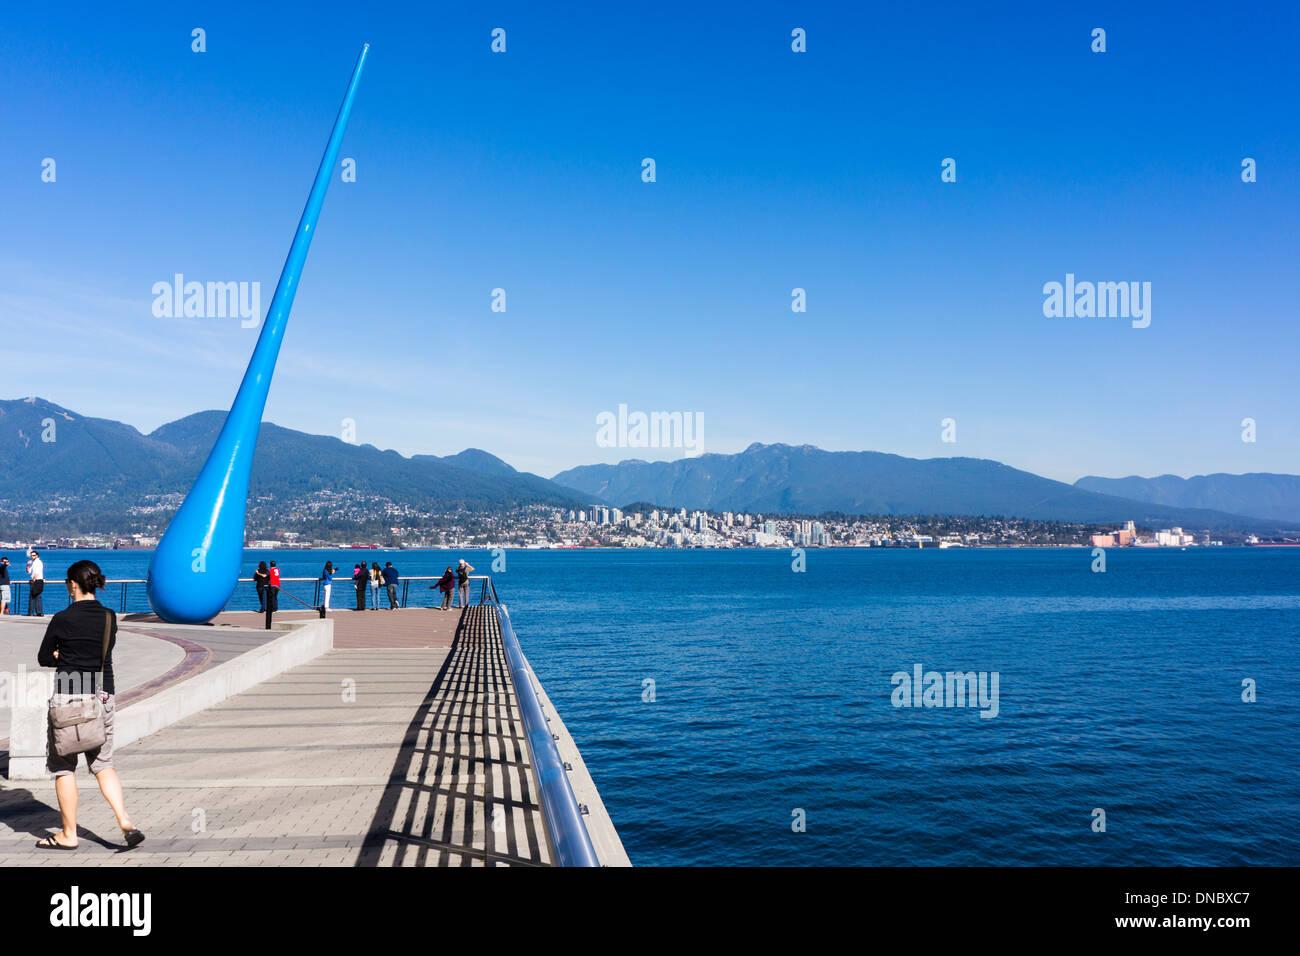 Die Tropfen, Stahlskulptur von deutschen Künstlergruppe Inges Idee. Vancouver, British Columbia, Kanada. Stockbild